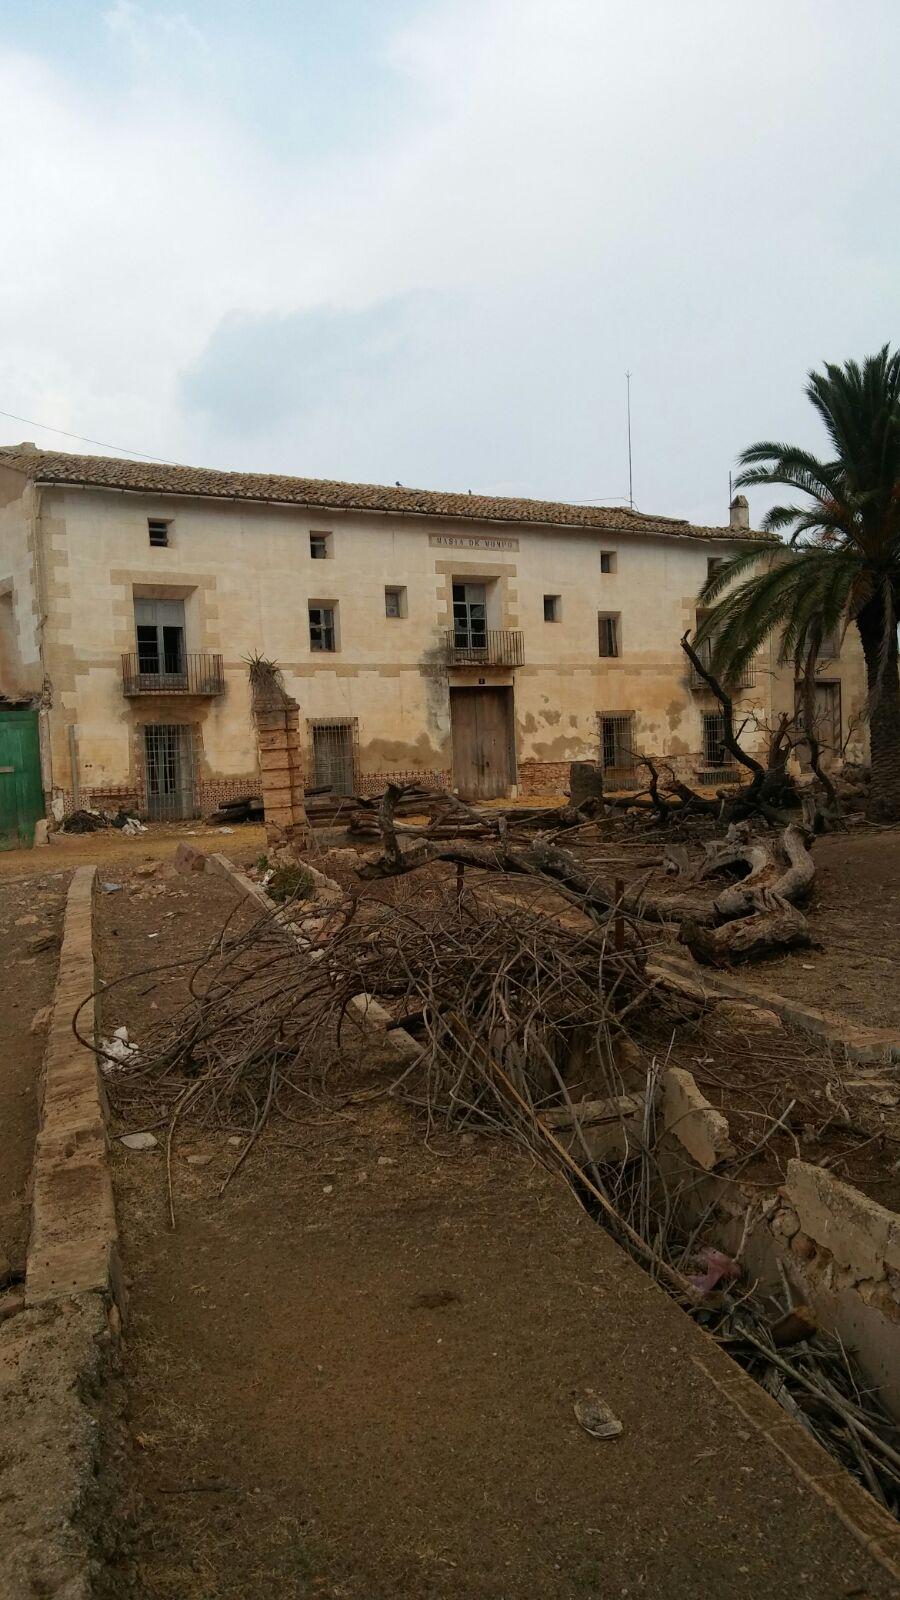 Riba-Roja protege como bien de relevancia local el Mas de Porxinos incluido en el Pai de Valencia para impedir su derribo y evitar la especulación urbanística.